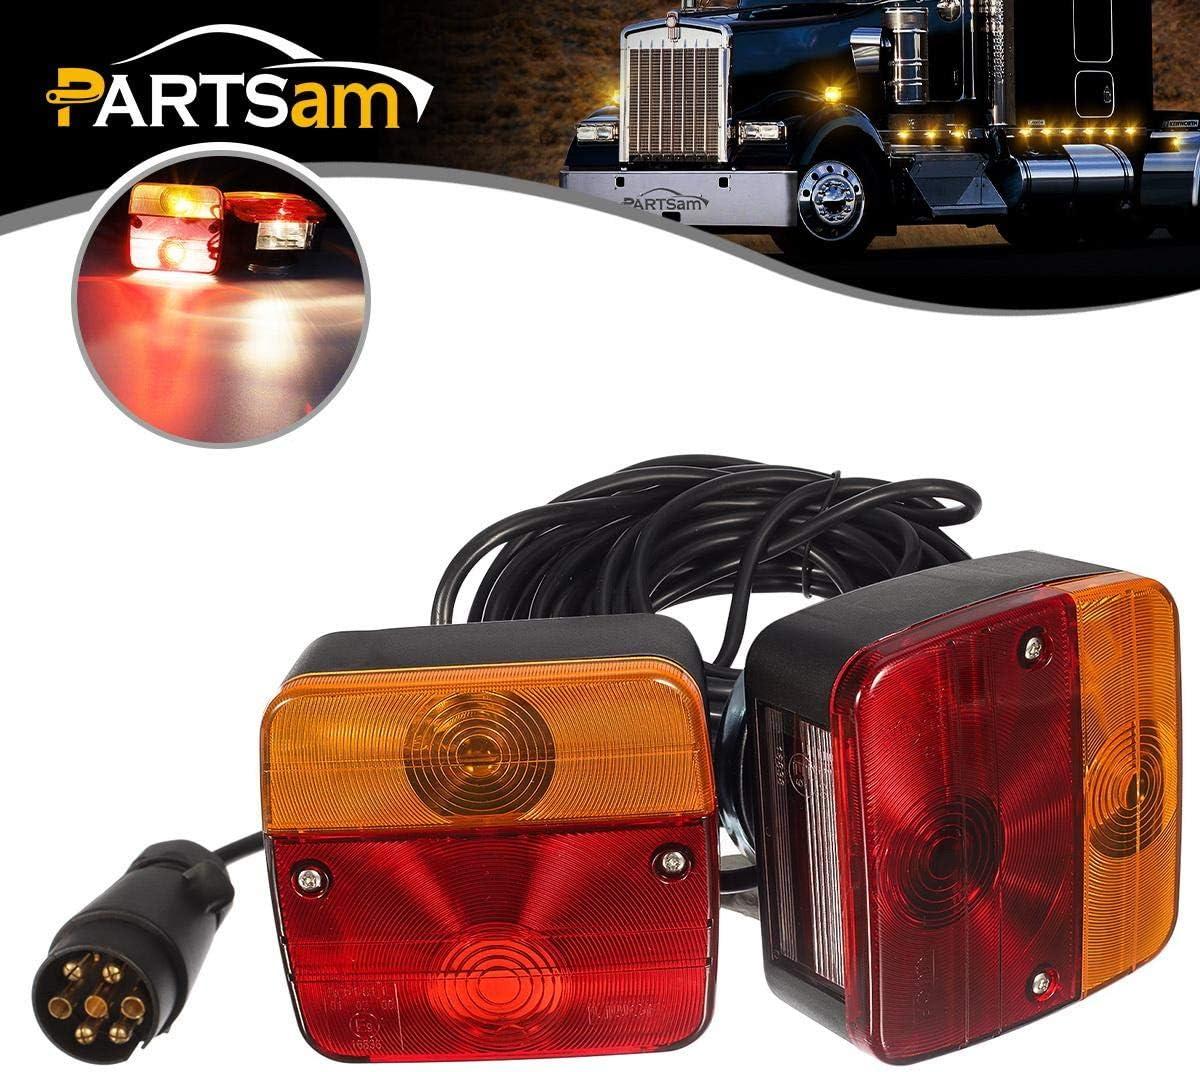 PARTSAM 2x luces traseras de remolque con cable magnético, placa de 12 V, indicador de parada de freno trasero, luz de matrícula, cable de 7,5 m con enchufe de 7 pines, con marca electrónica